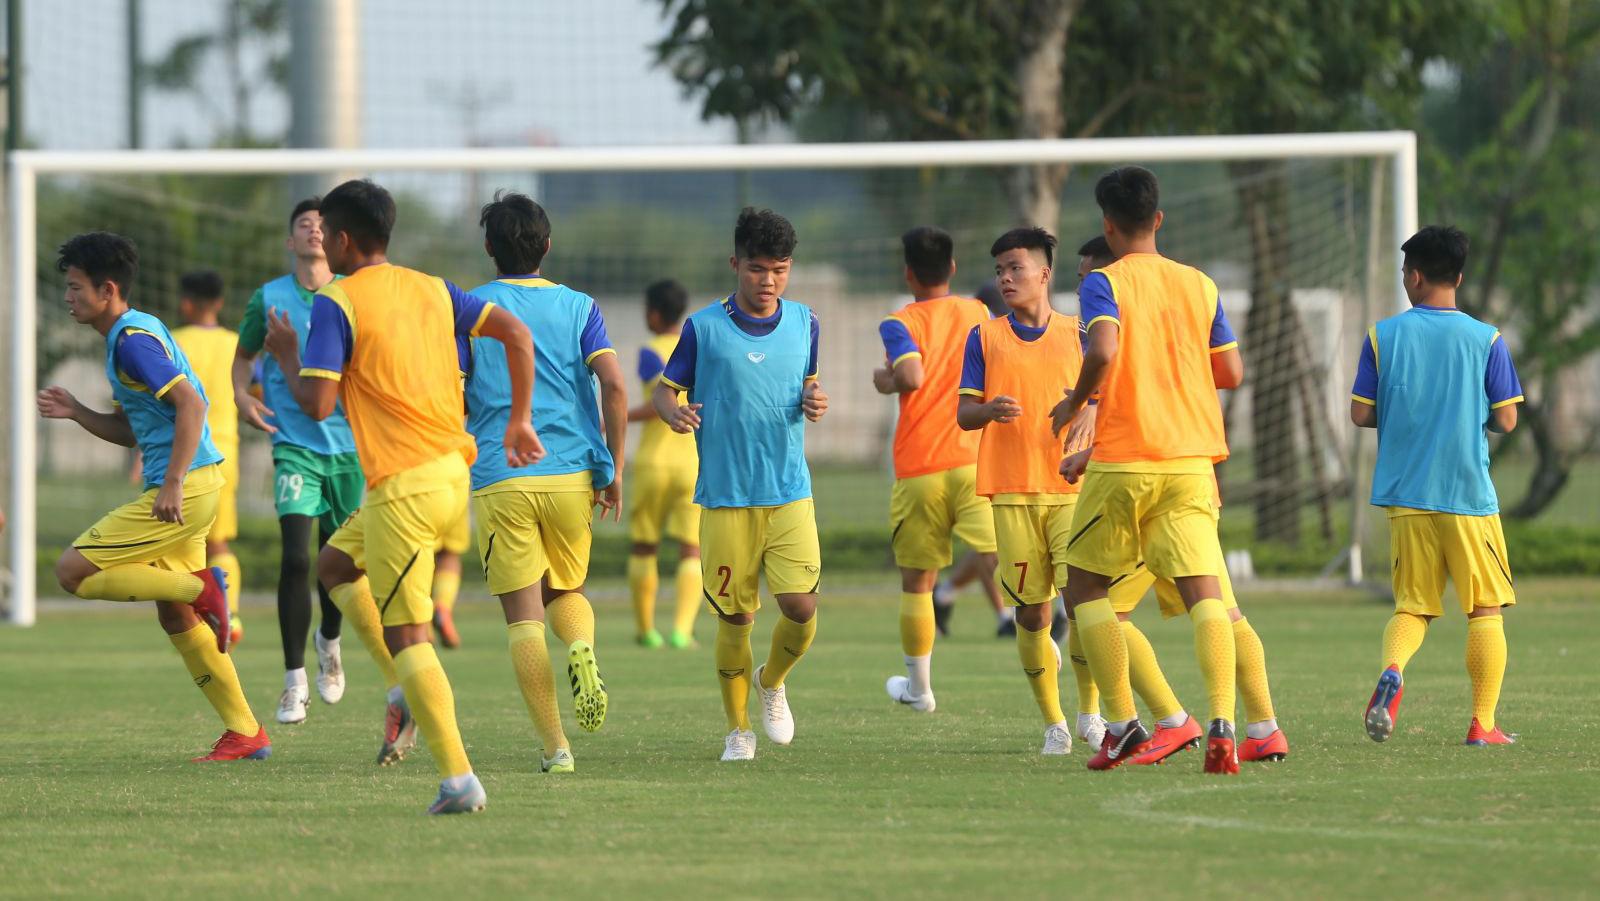 KẾT QUẢ BÓNG ĐÁ U19 Việt Nam 3-0 U19 Mông Cổ: U19 Việt Nam giành thắng lợi thuyết phục